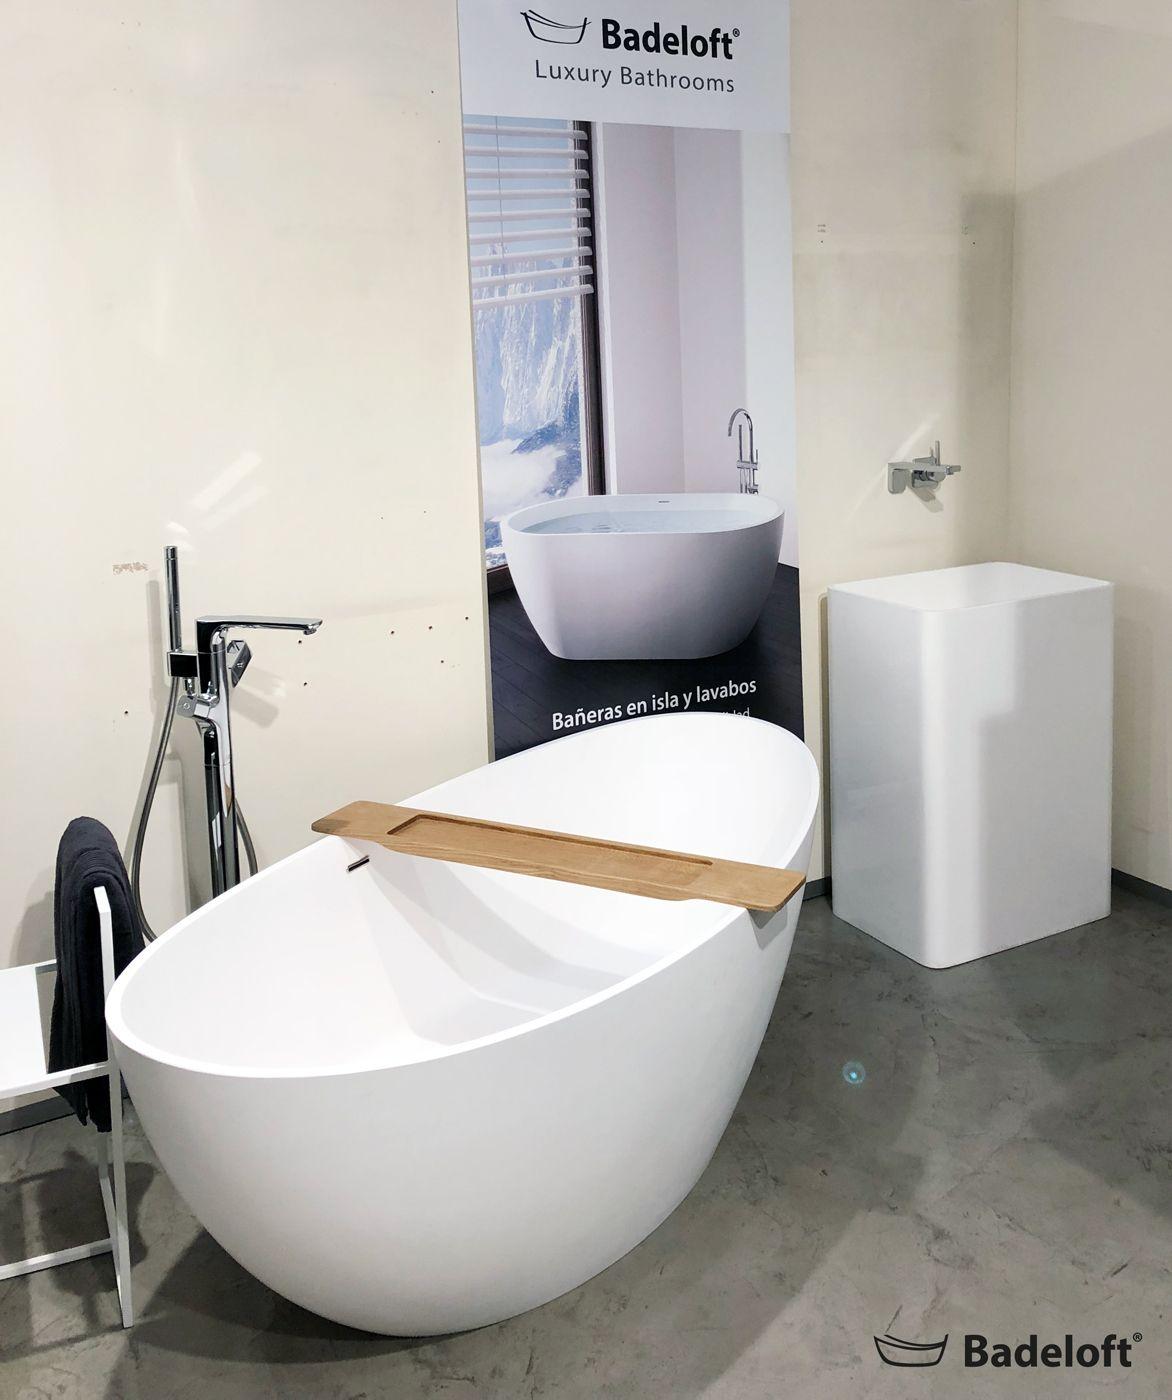 Unser showroom in barcelona wird umgestaltet um unsere neue badewannen besser präsentieren zu können